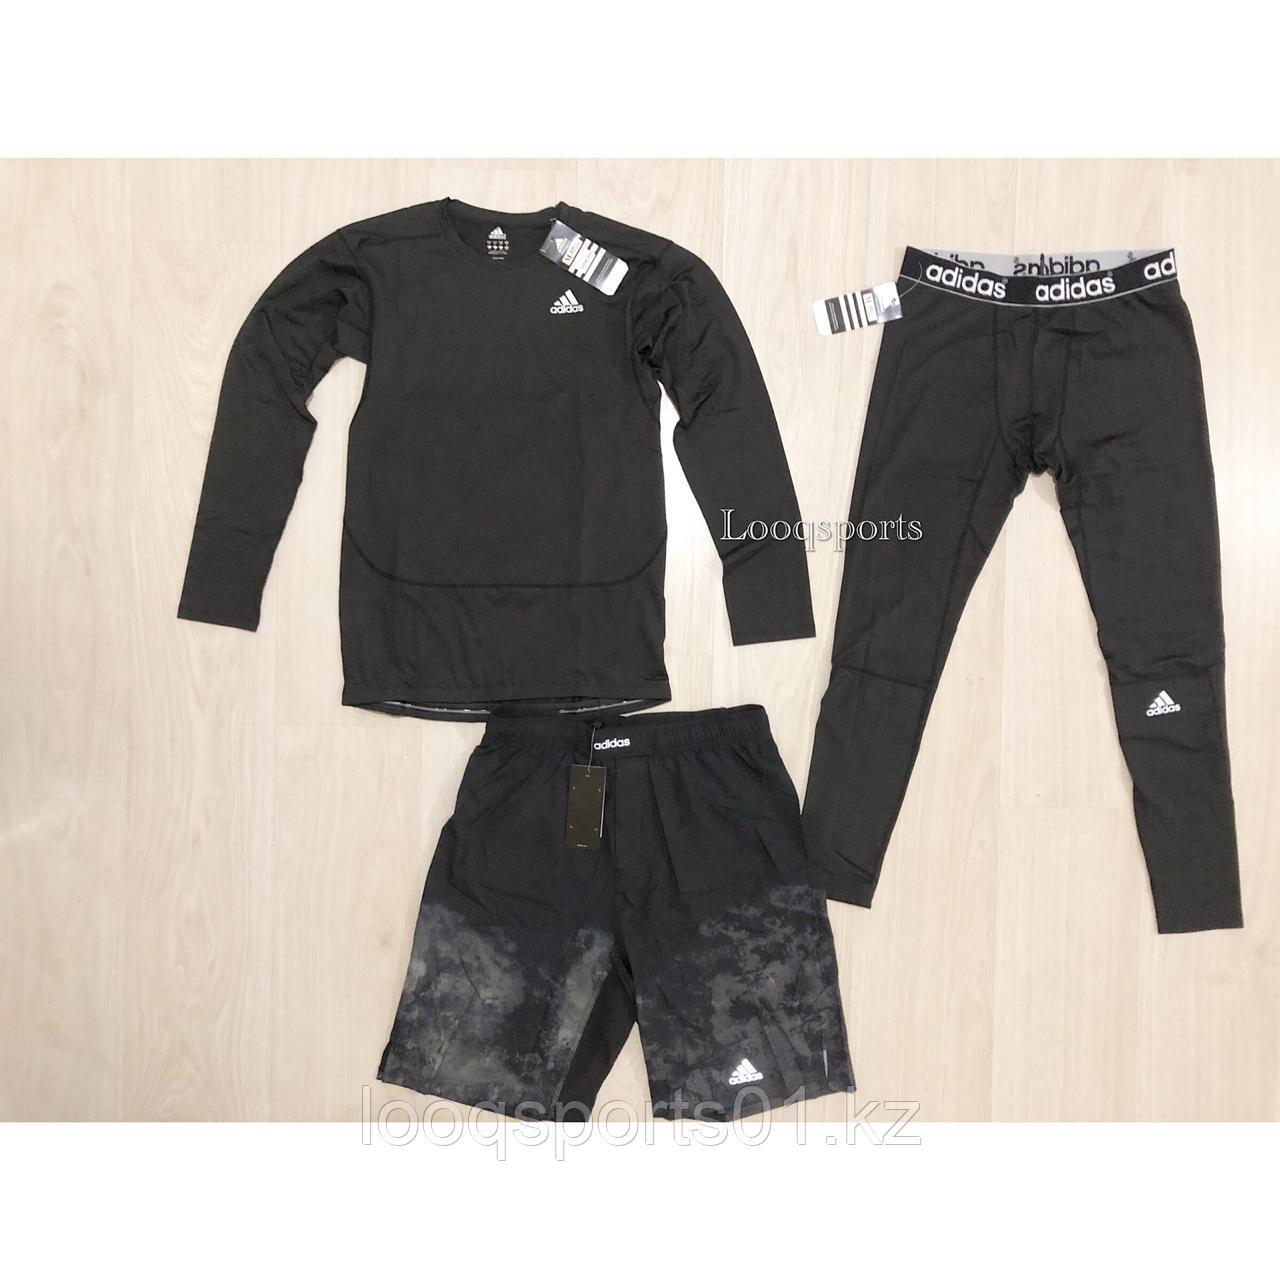 Комплект 3в1 Adidas (Рашгард + шорты мма + леггинсы)